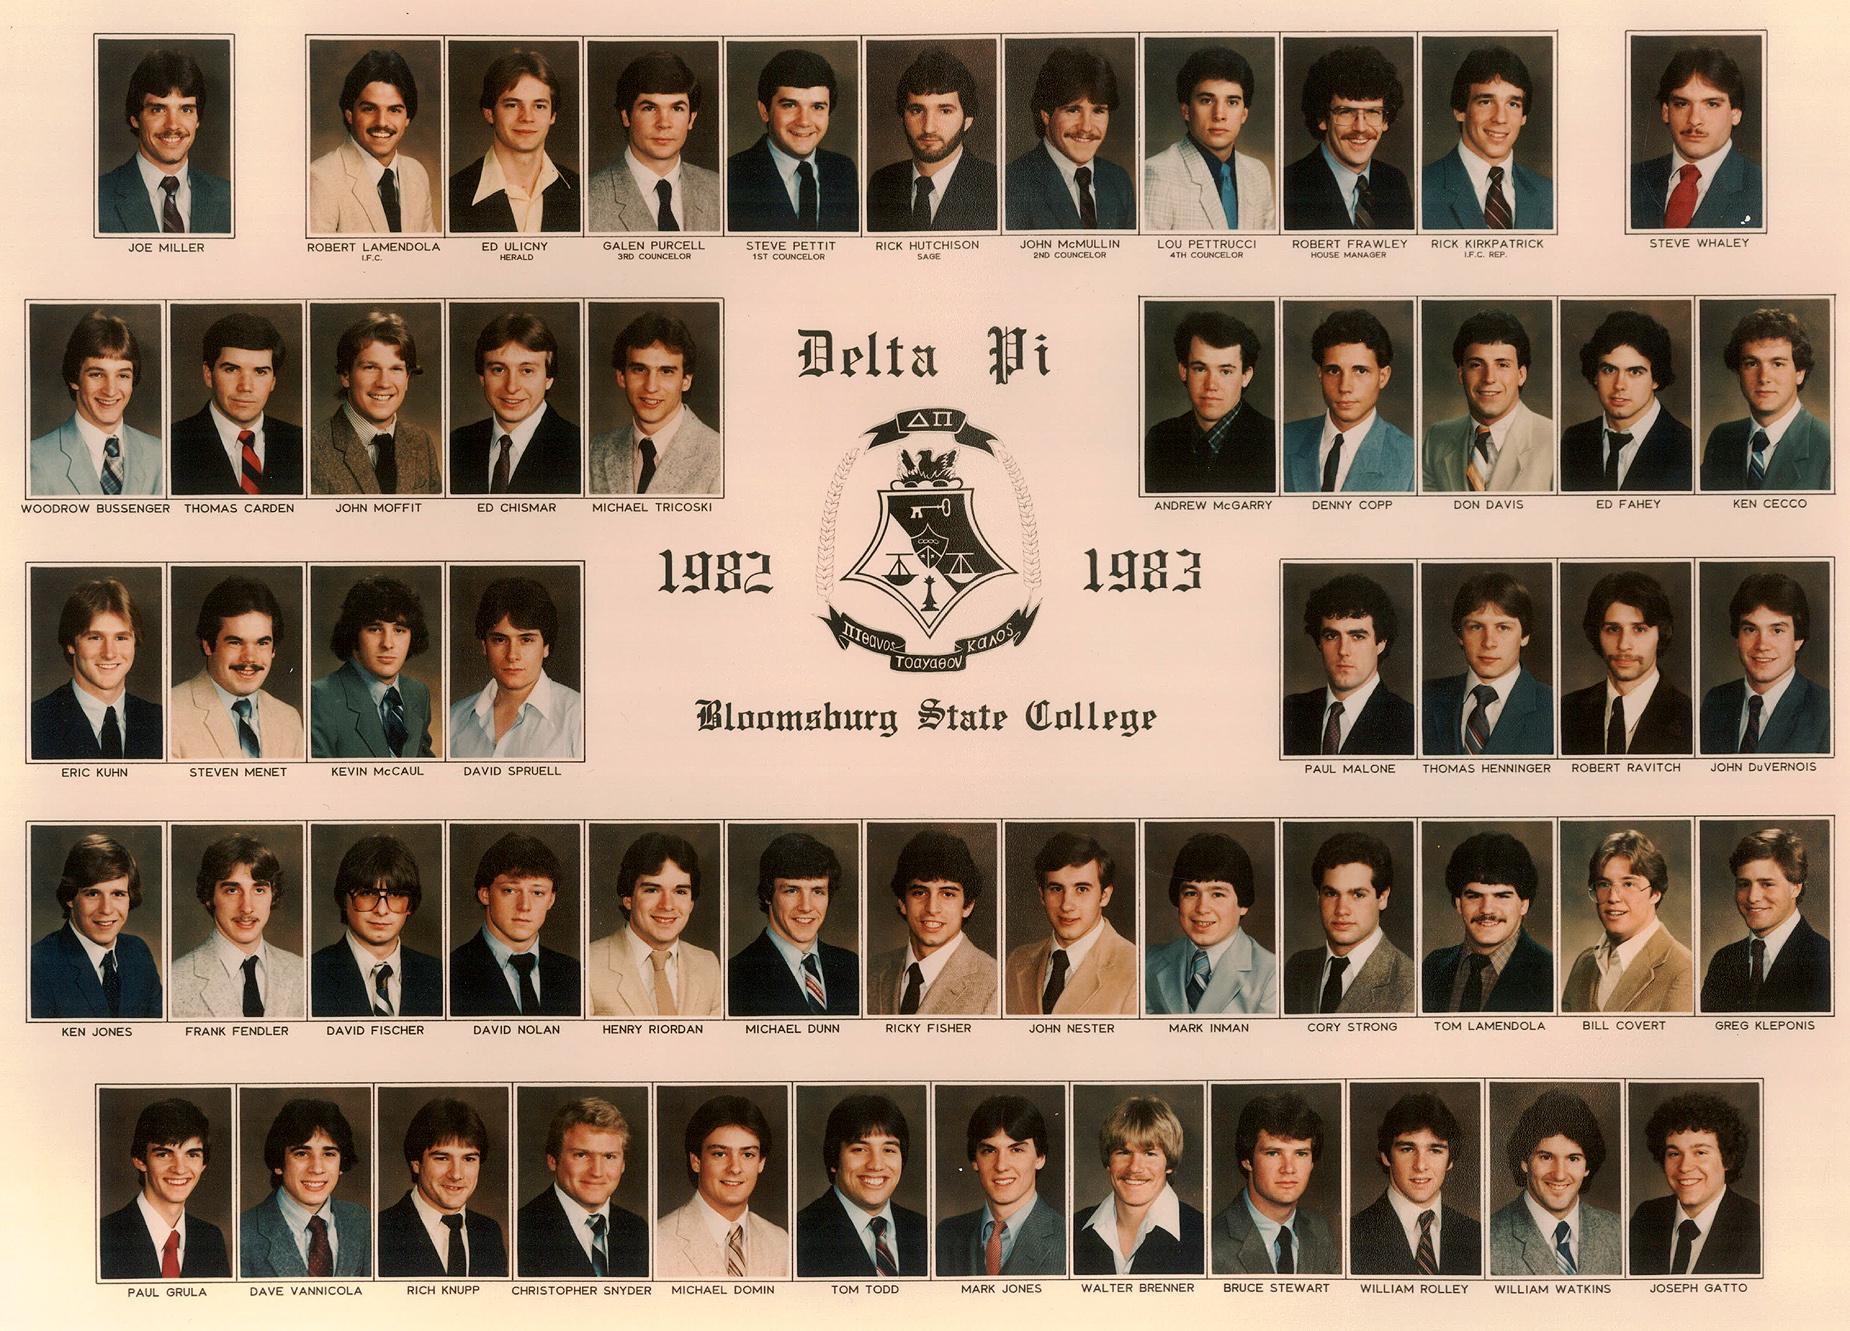 Delta Pi 1982-83 edit.jpg